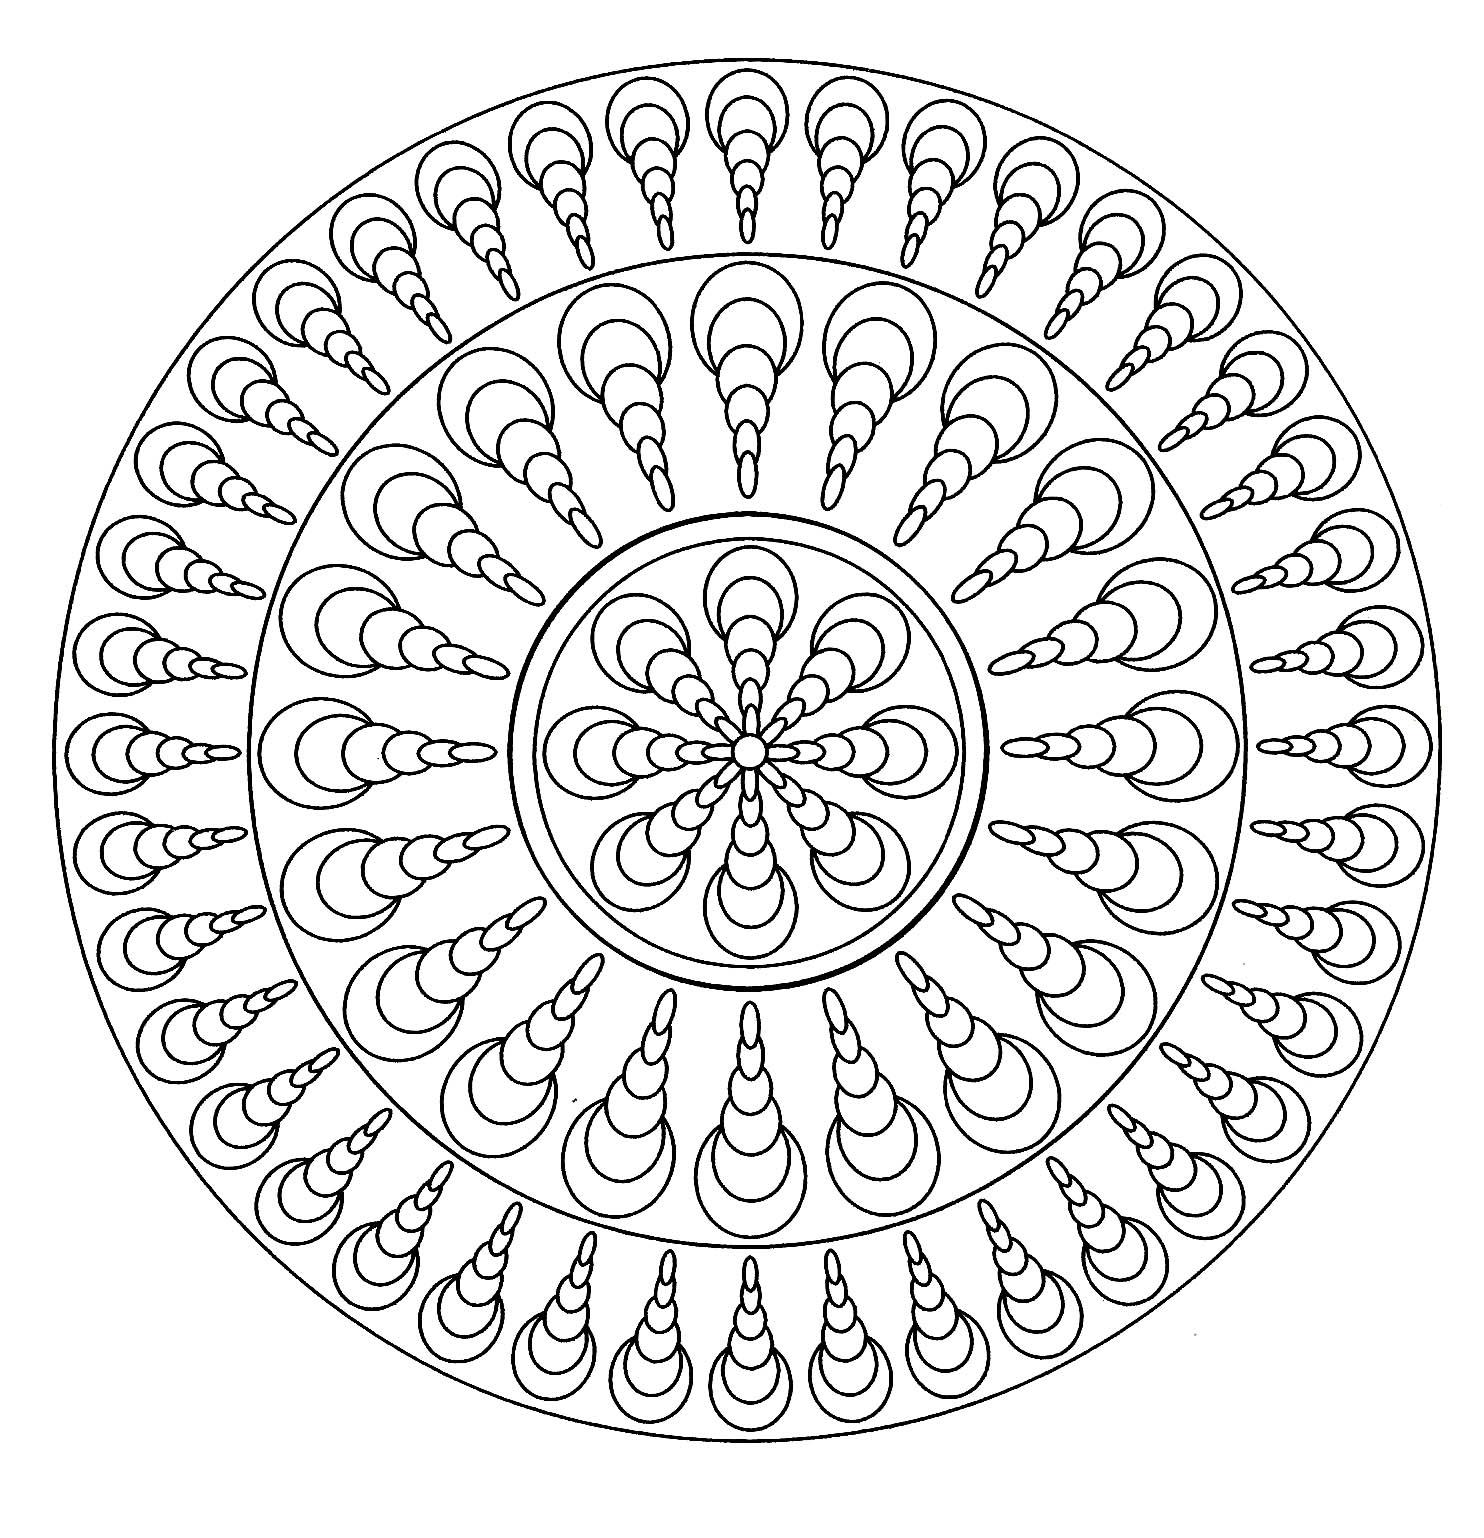 Mandala Facile 4 - Mandalas - Coloriages Difficiles Pour serapportantà Coloriage Mandale